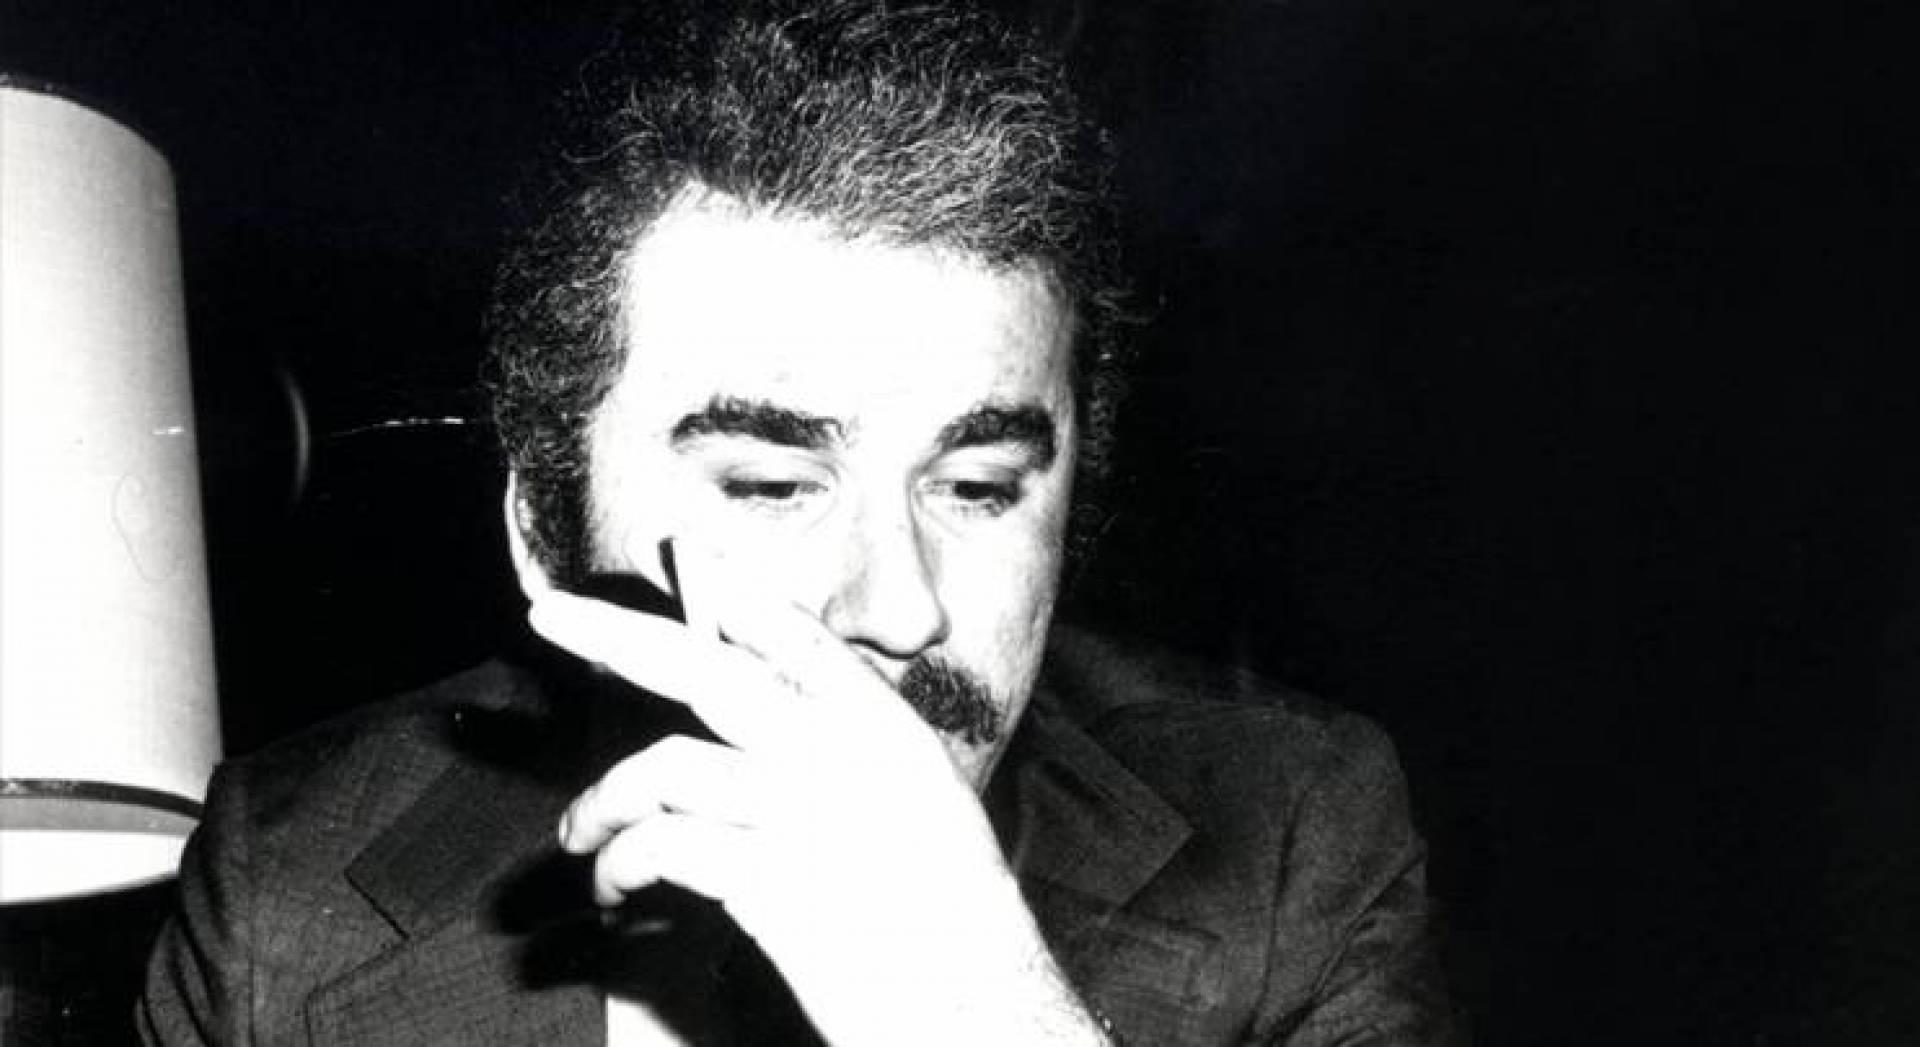 بيار صادق رسام جريدة النهار الكاريكاتيري.. صورة أرشيفية